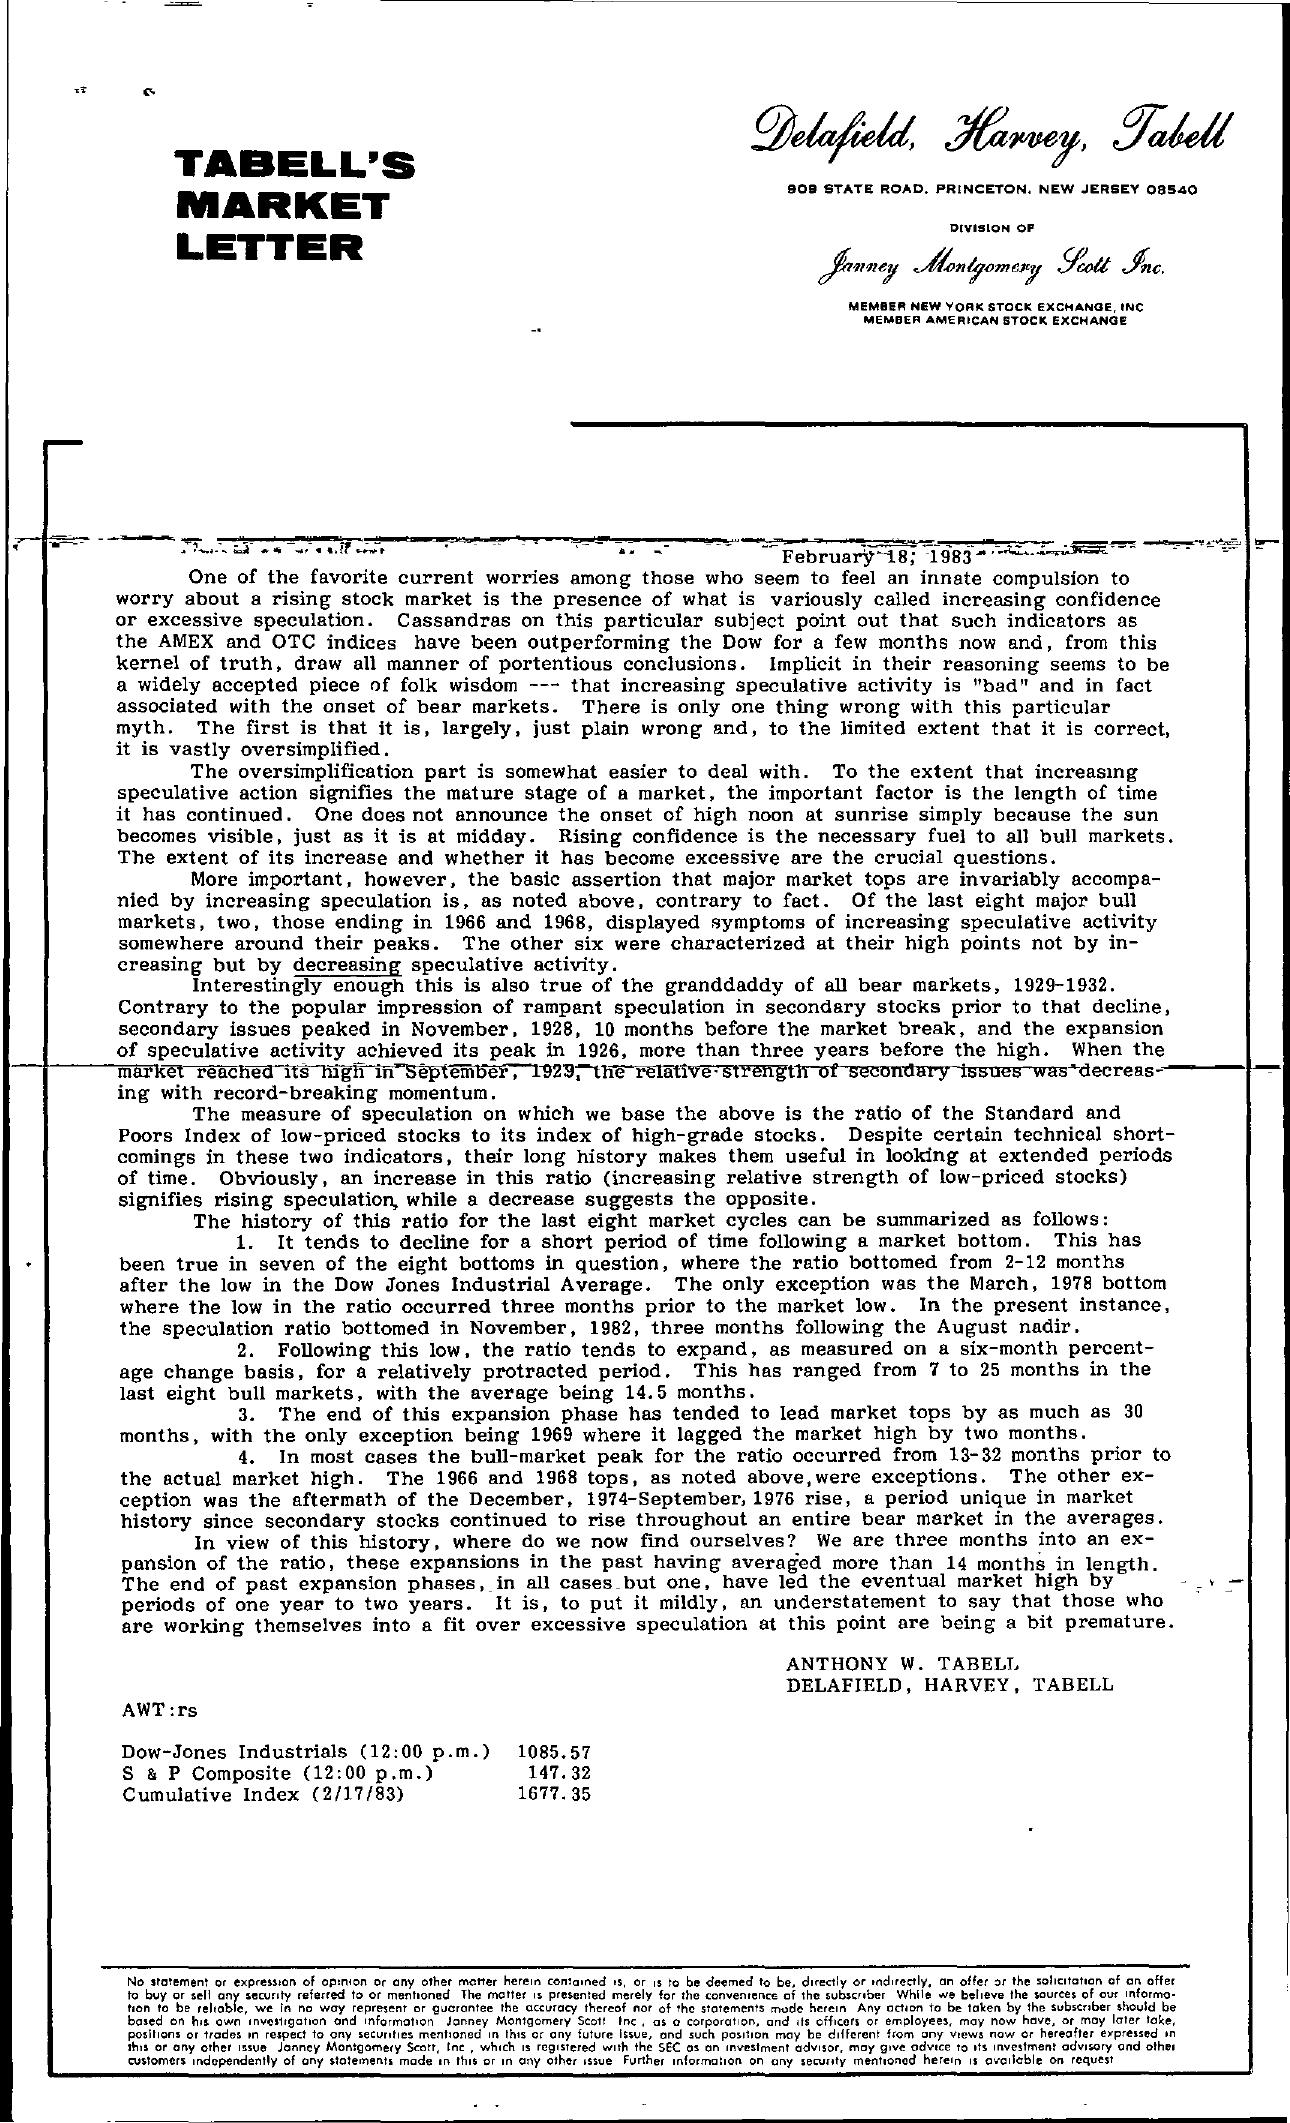 Tabell's Market Letter - February 18, 1983